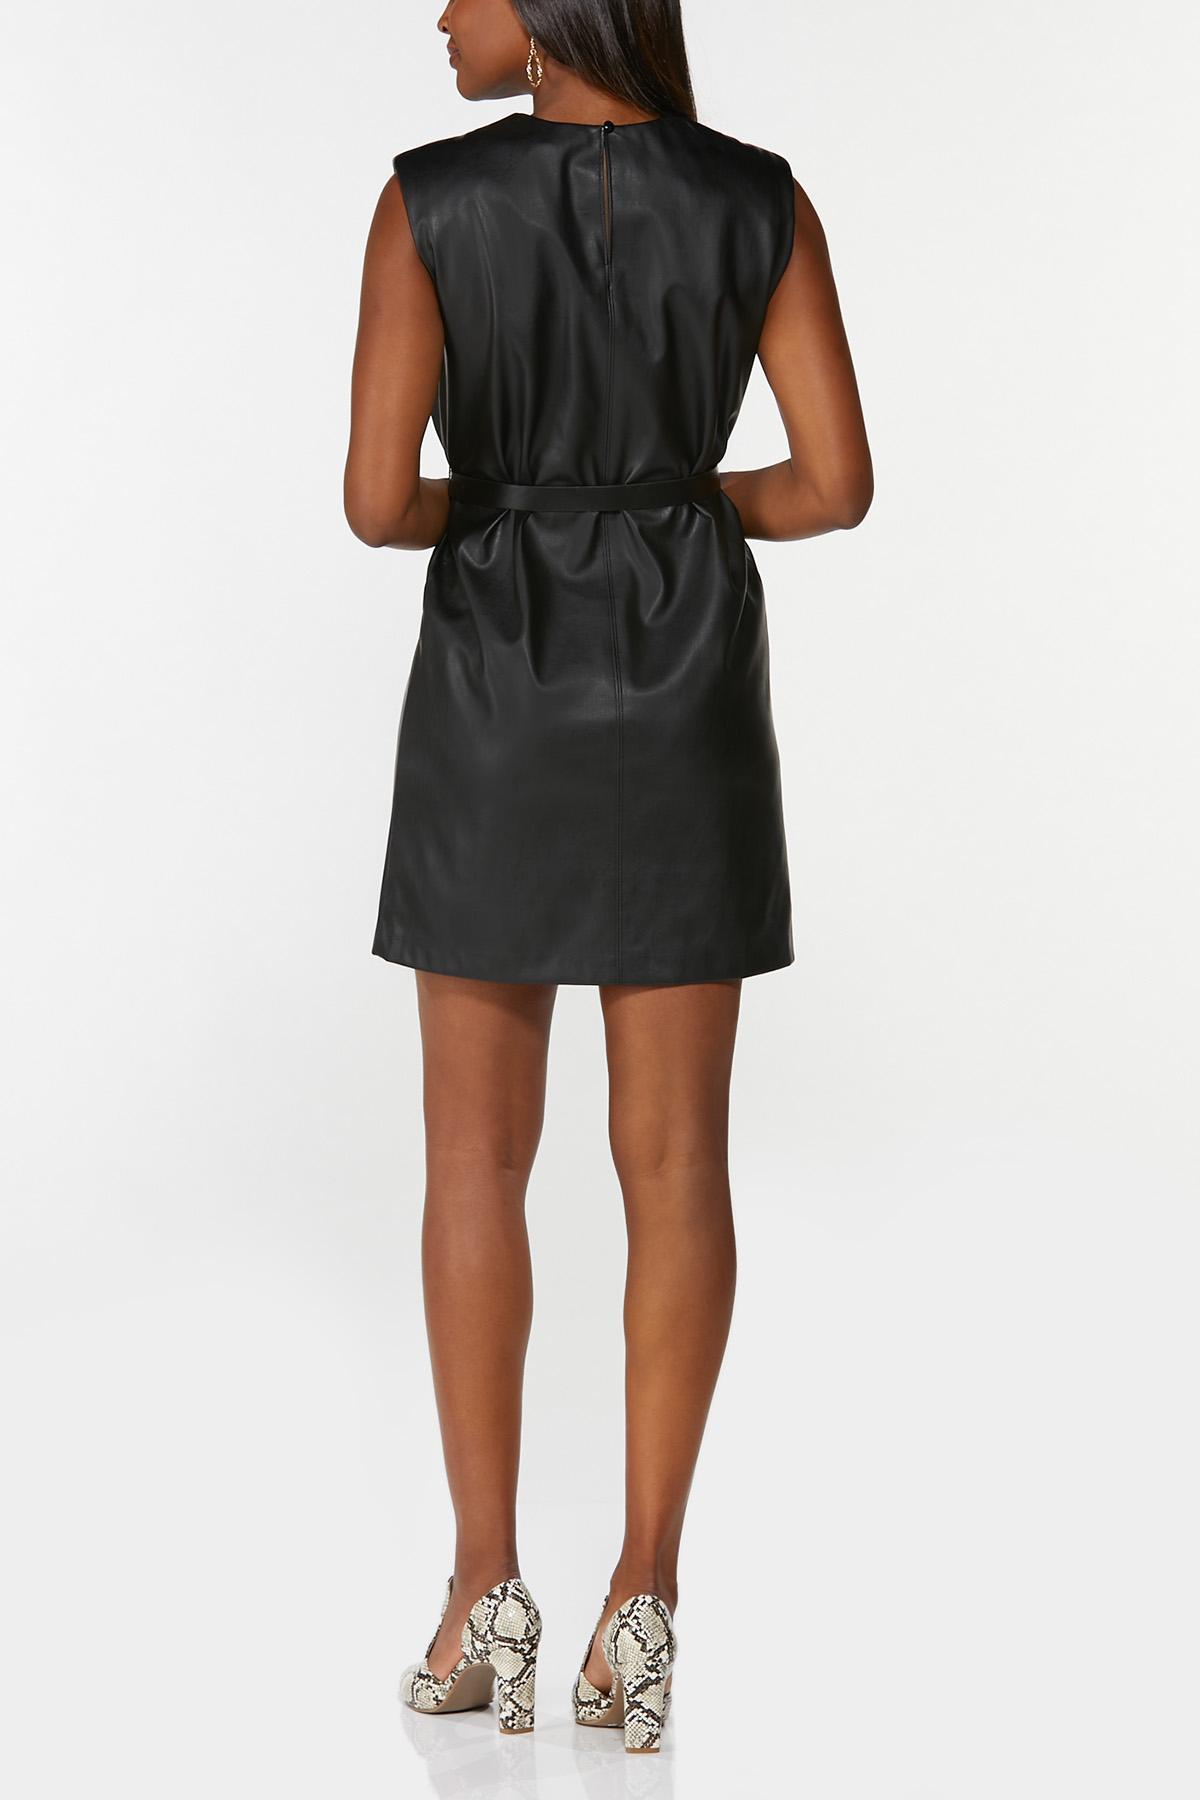 Padded Shoulder Leather Dress (Item #44711245)